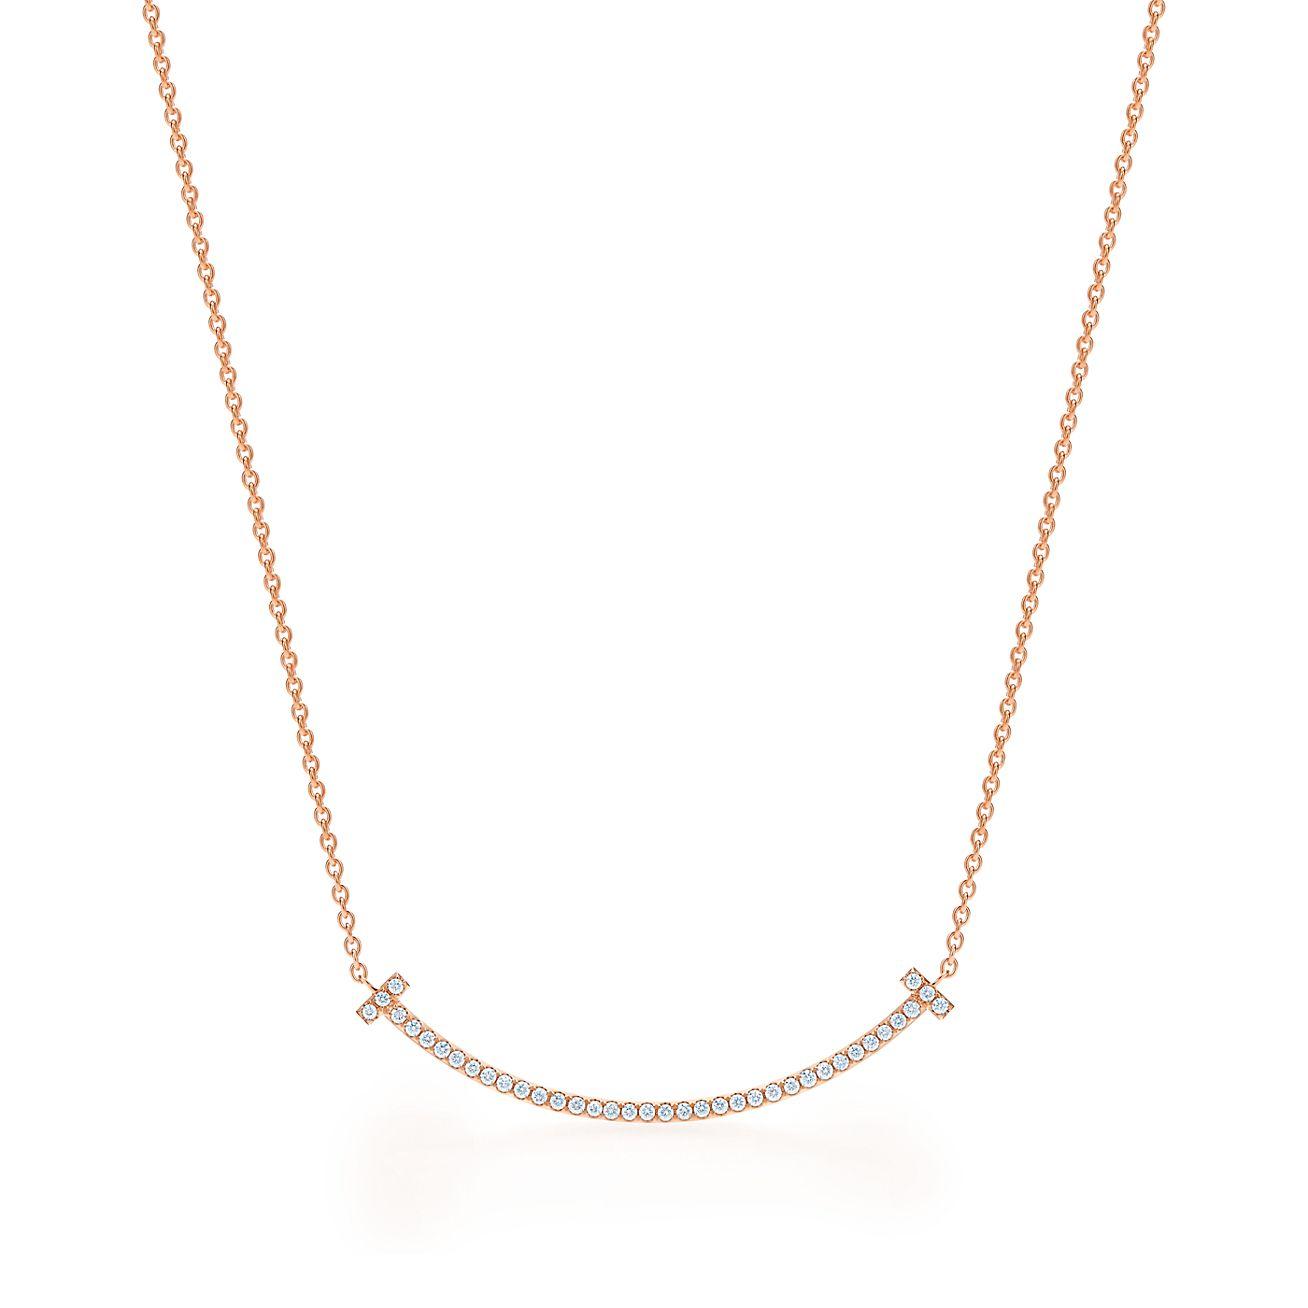 Tiffany Pulsera T Sonrisa En Oro De 18 Quilates, Pequeña - Pequeño Tamaño Tiffany & Co.